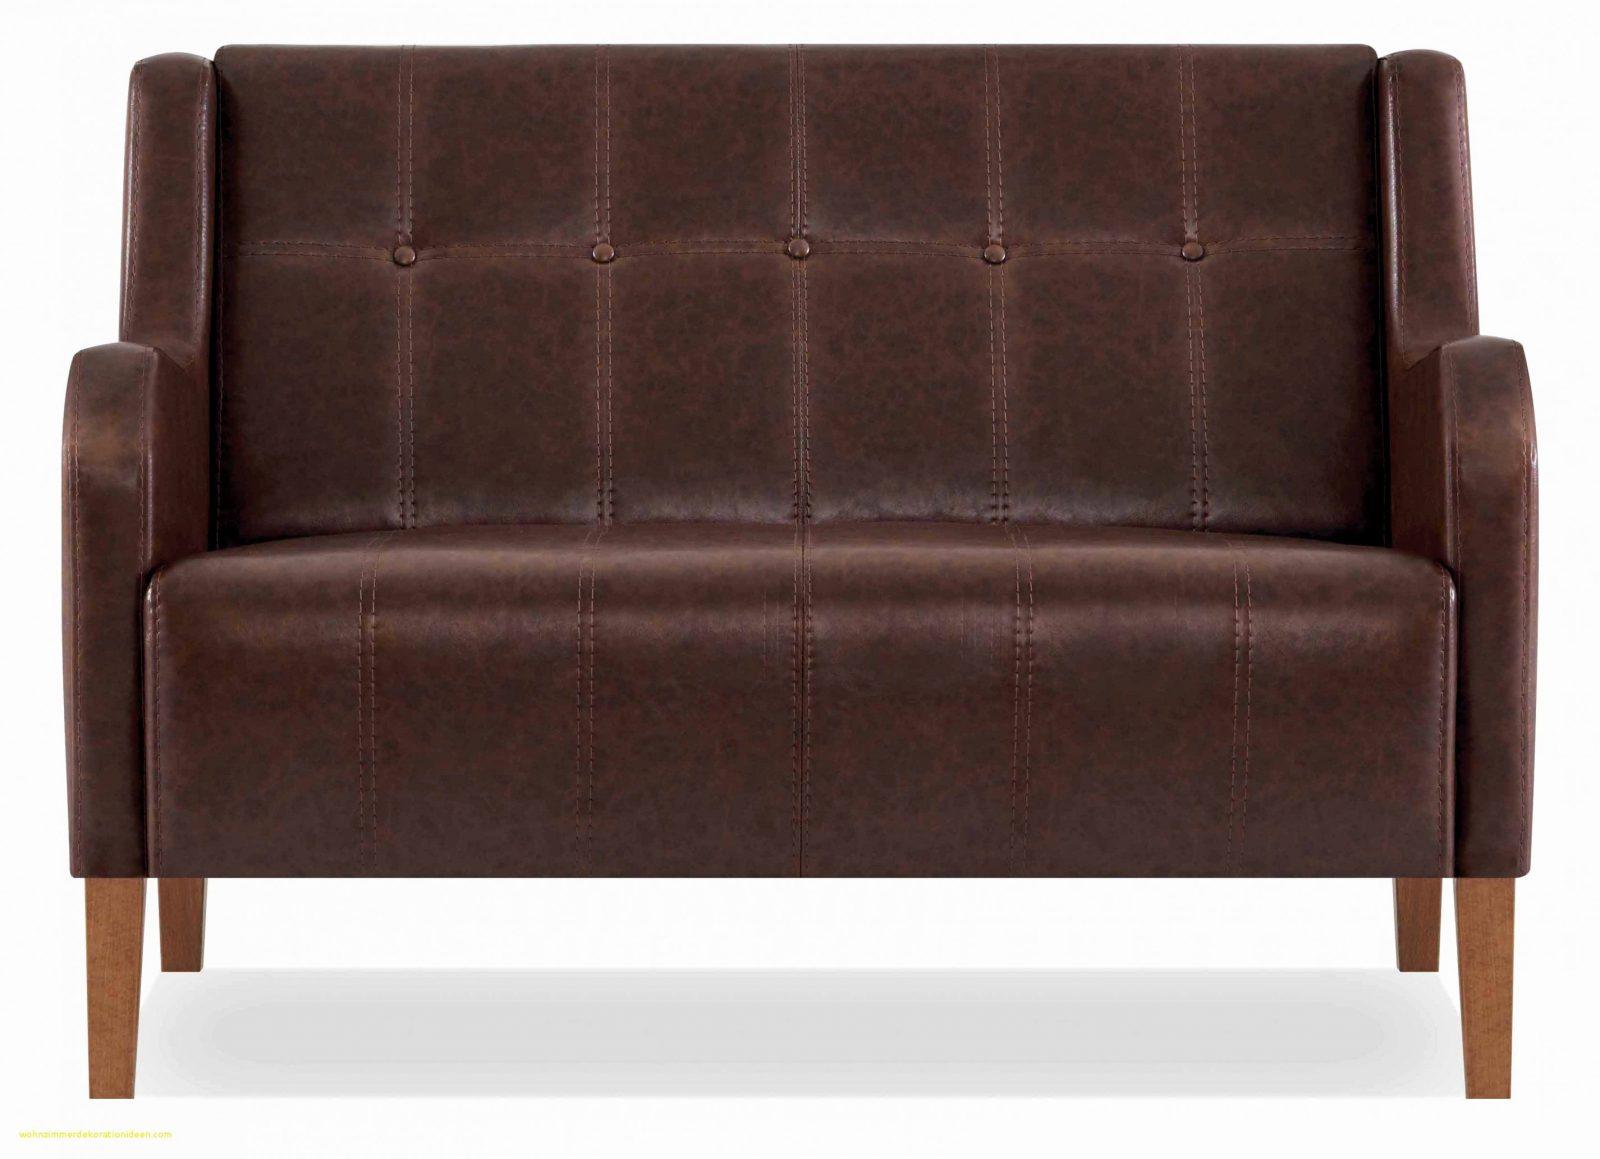 Top Ergebnis Ledersofa 2 Sitzer Braun Luxus Couch 2 Sitzer Trendy von Ledersofa 2 Sitzer Braun Bild